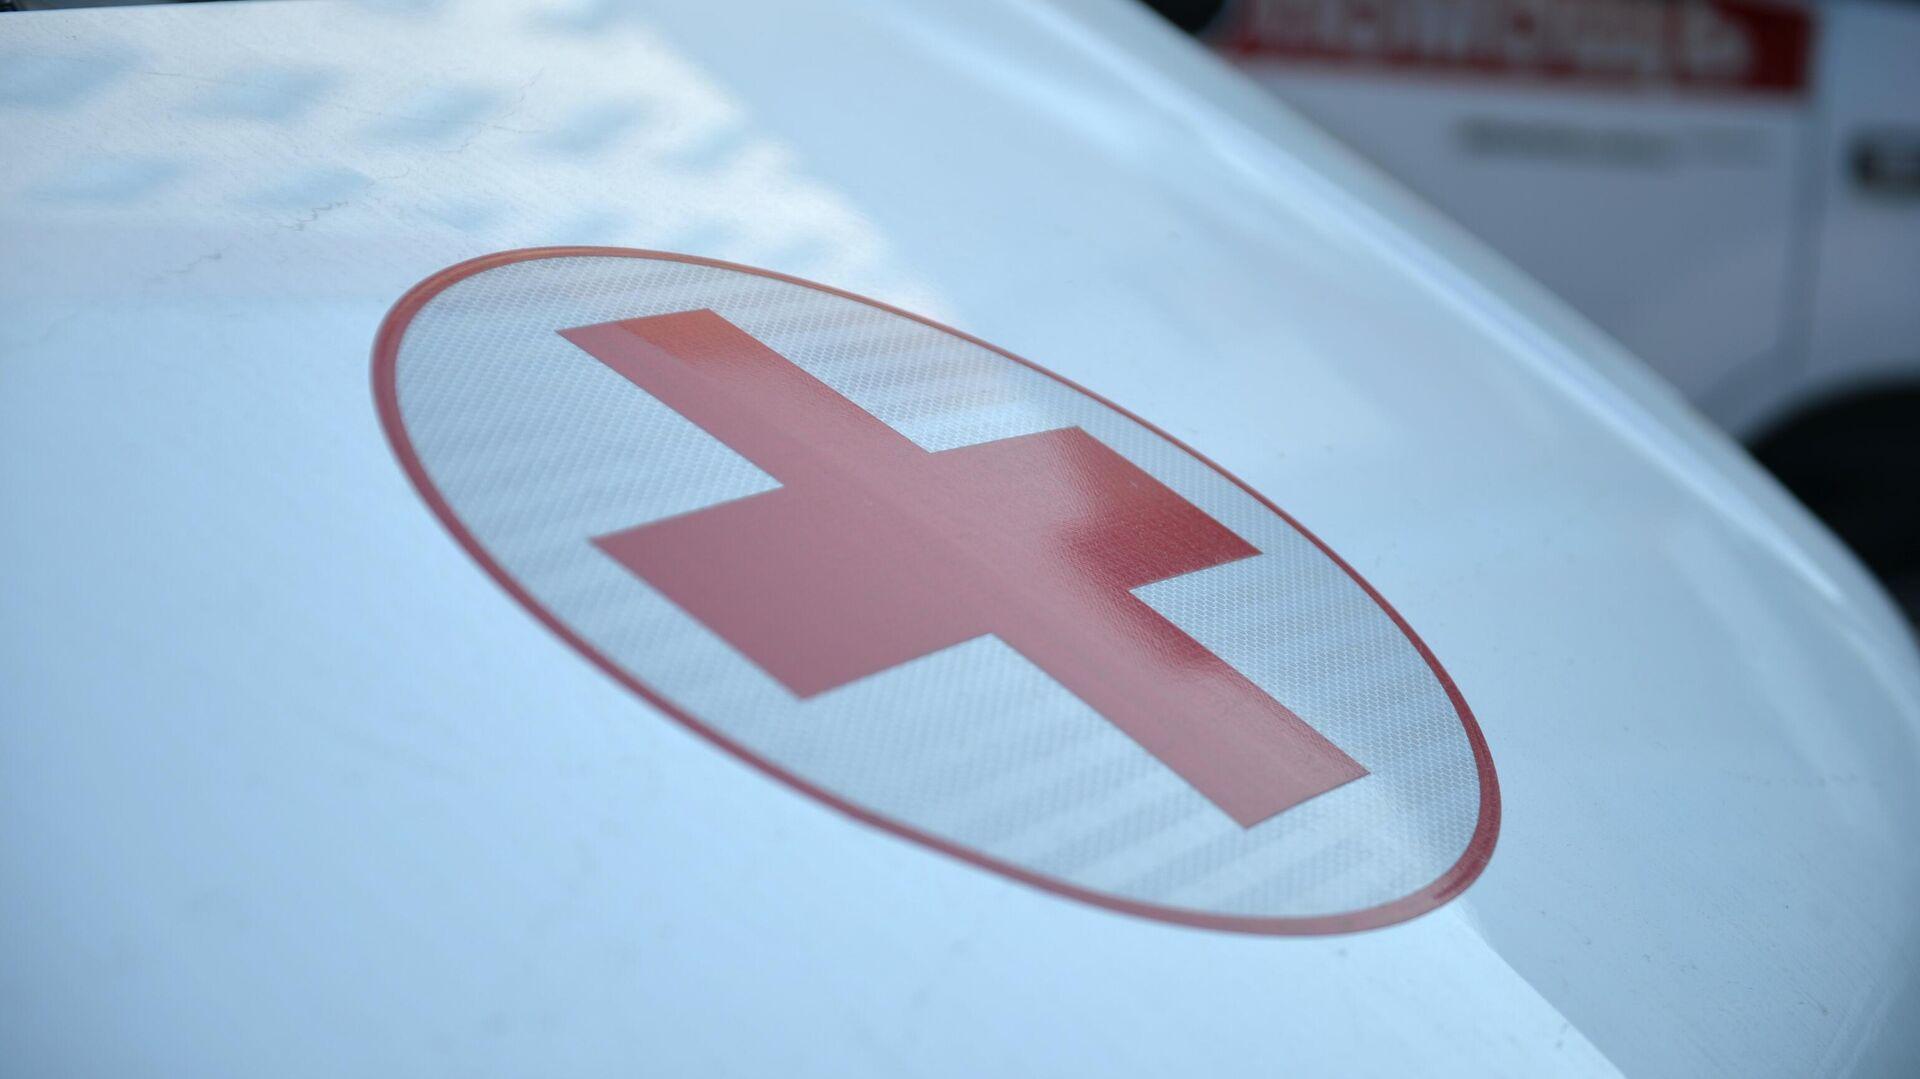 Красный крест на автомобиле скорой медицинской помощи - РИА Новости, 1920, 26.02.2021